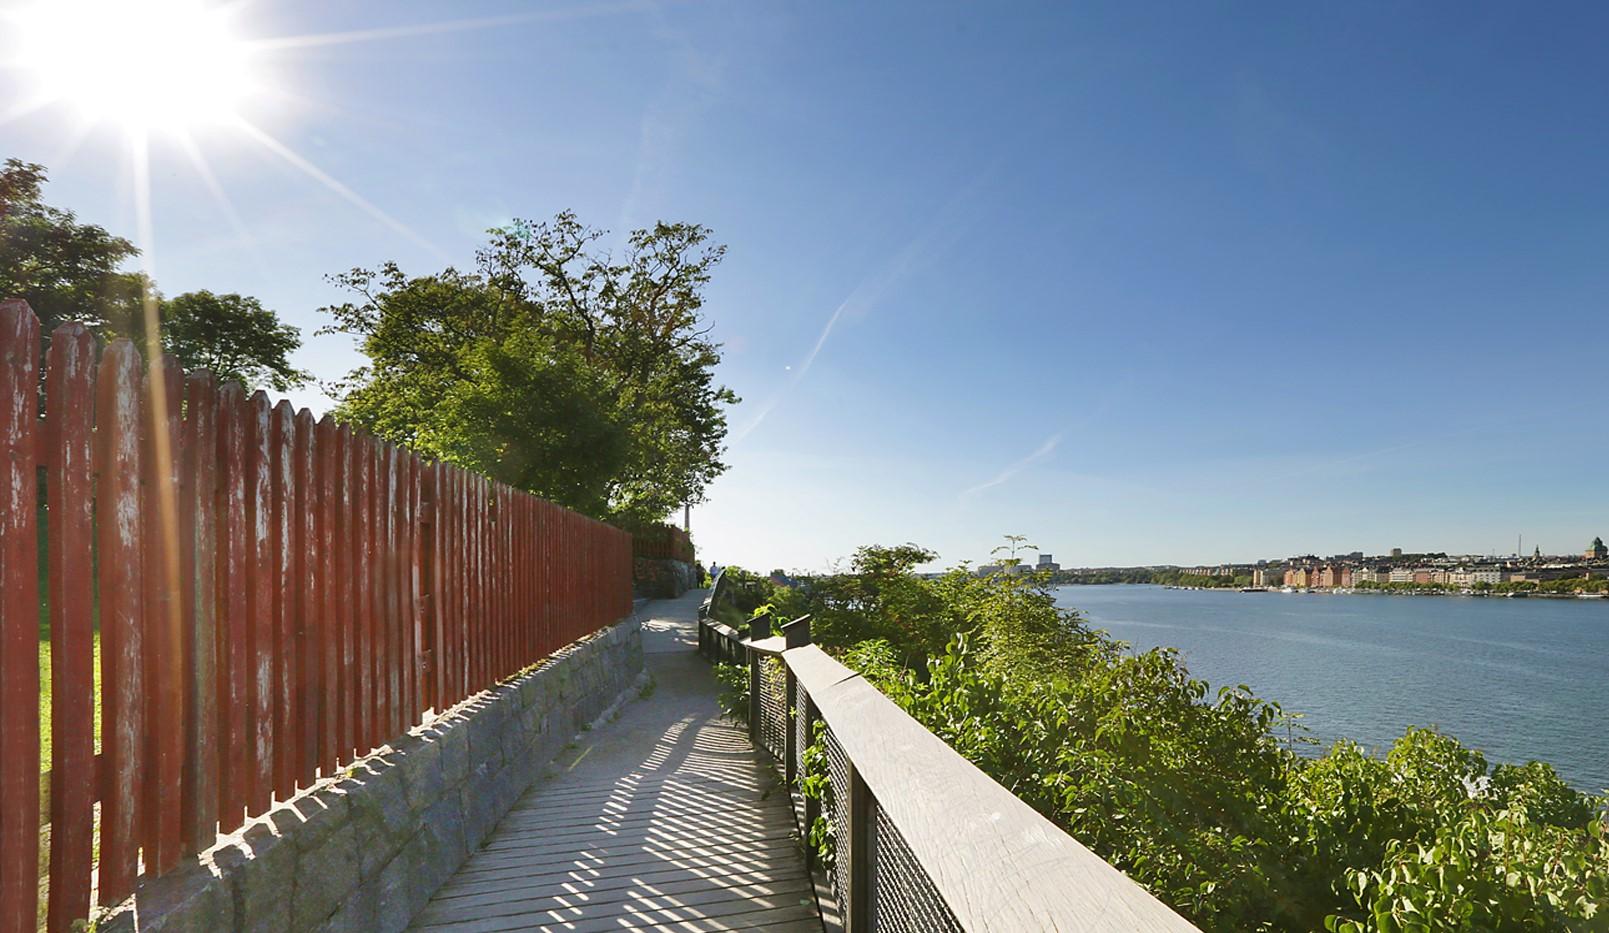 Brännkyrkagatan 34 B, 3 tr - Härliga promenadstråk med utsikt över Stockholm